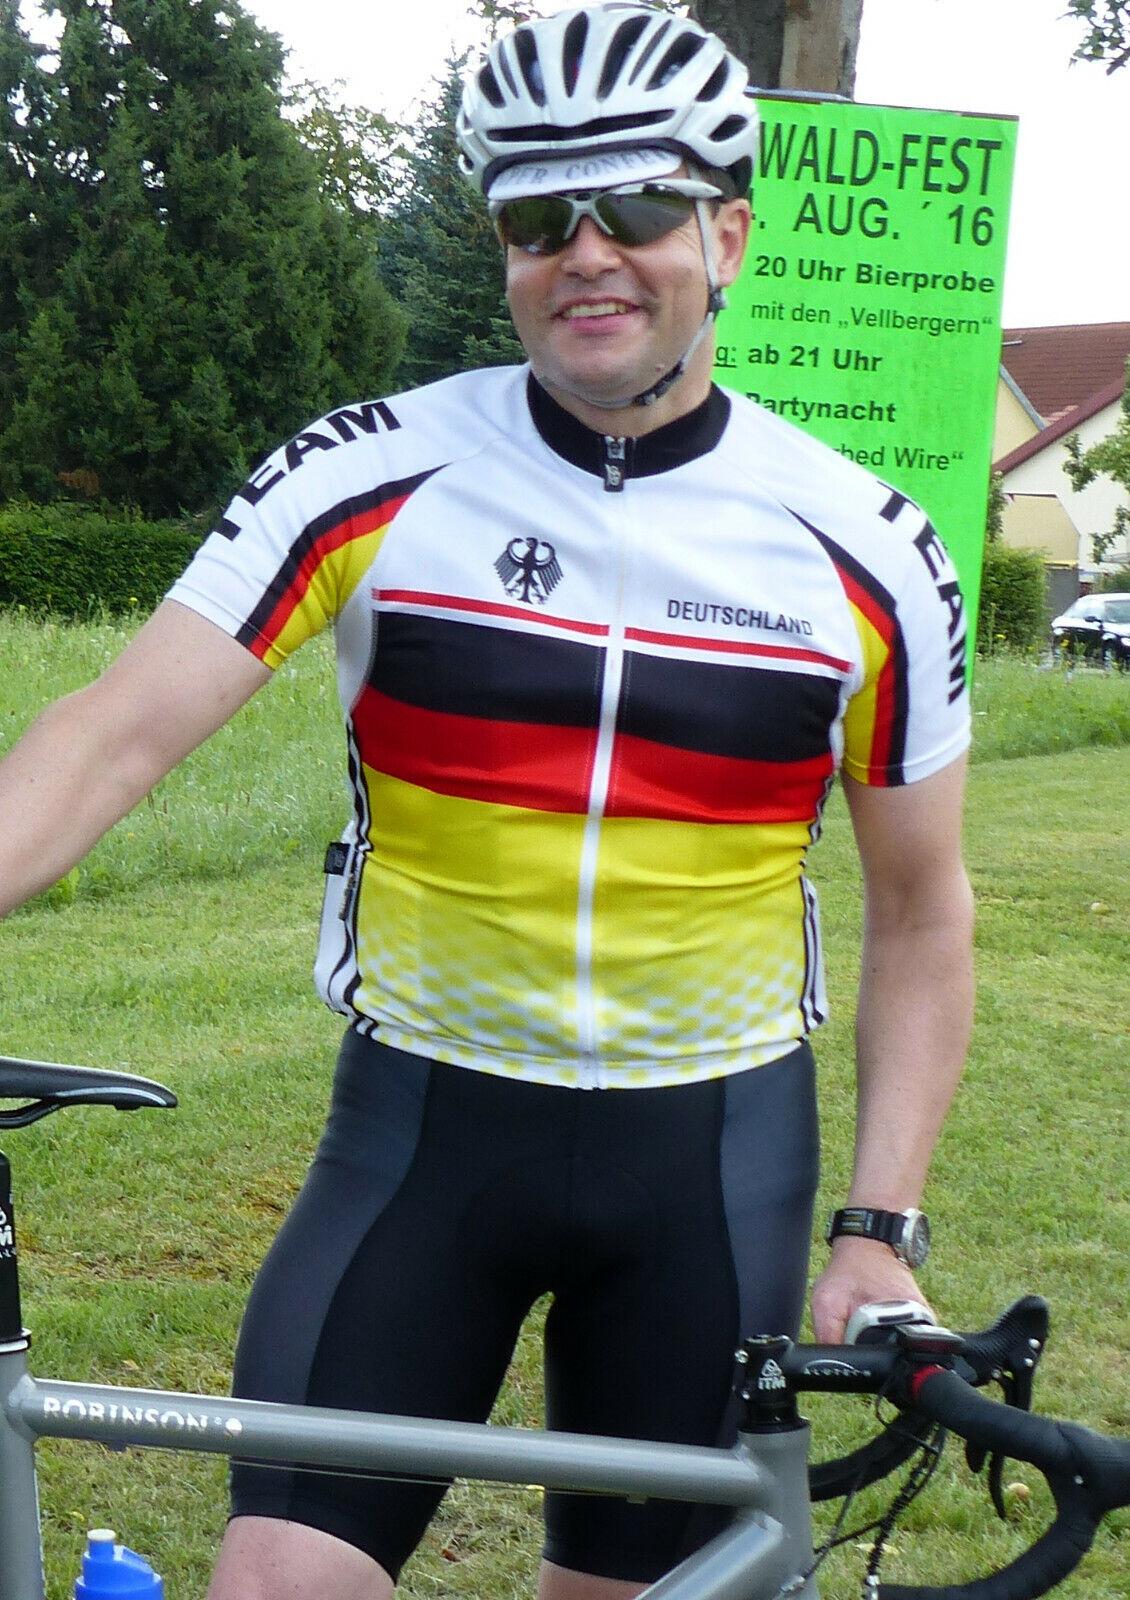 Kurse Rennradsport im Rhein-Main-Gebiet für Anfänger und Fortgeschrittene  | Moderne Technologie